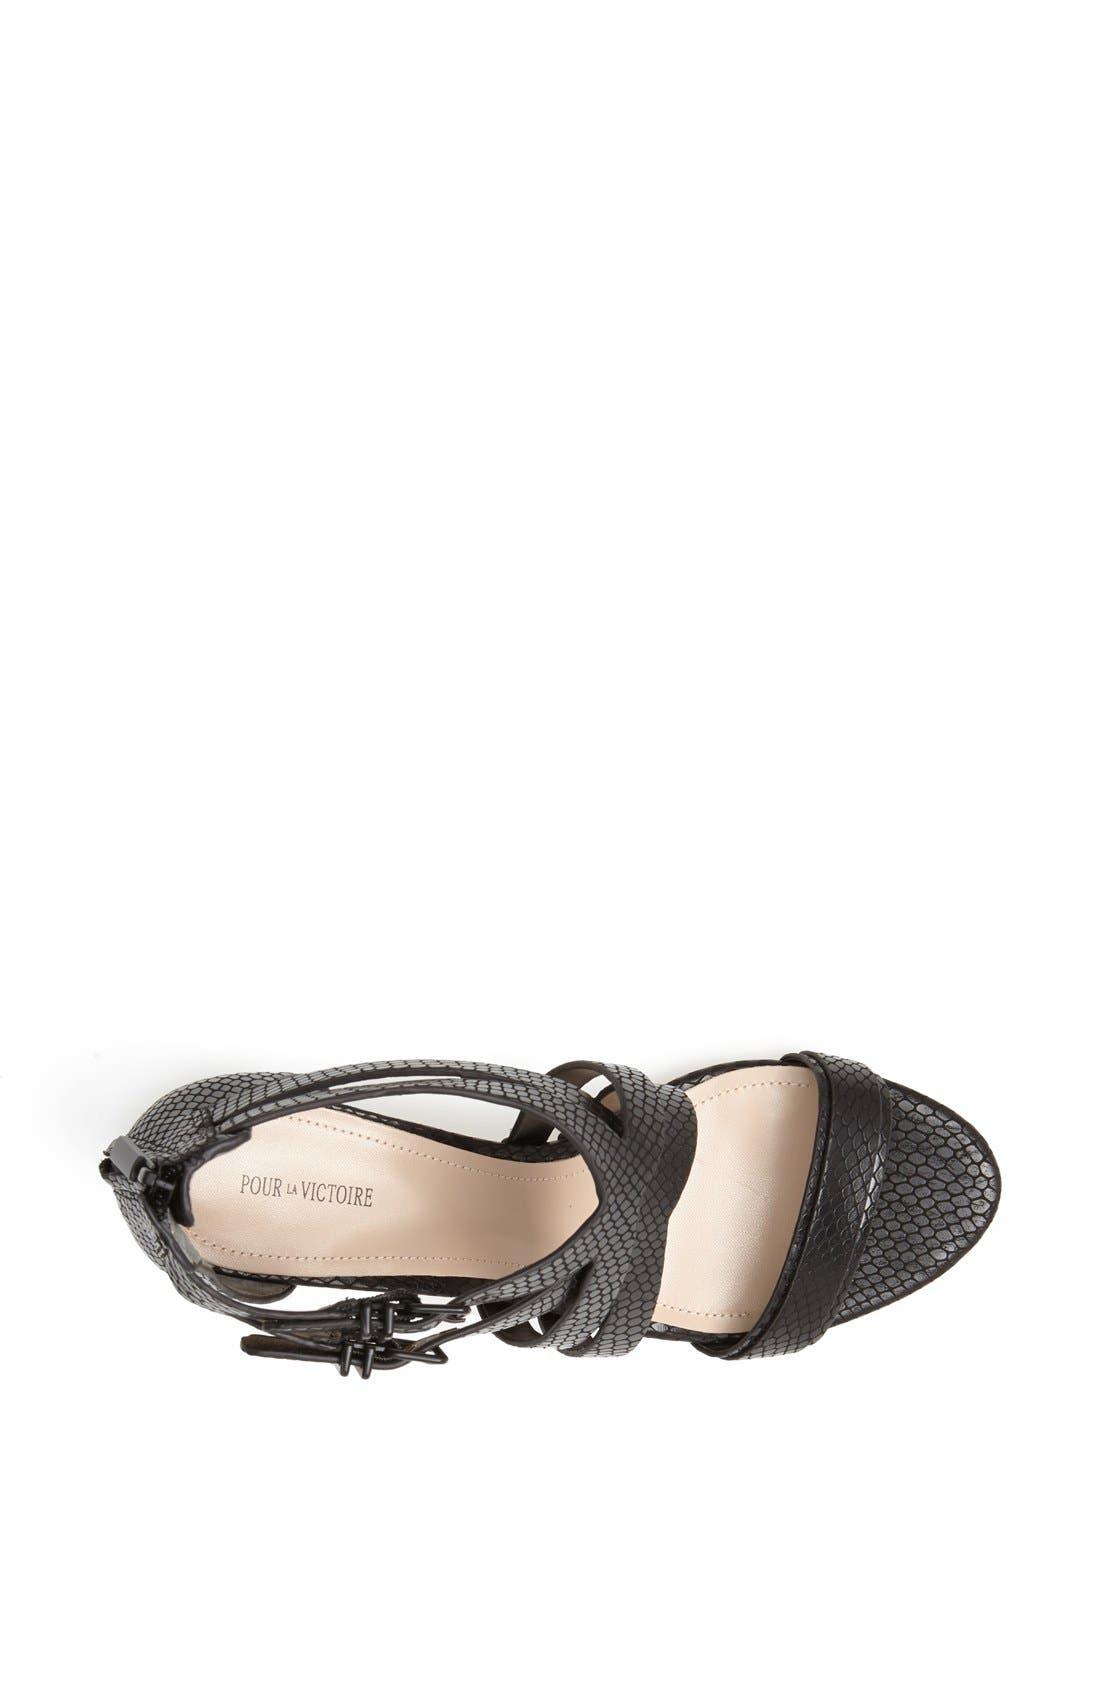 Alternate Image 3  - Pour la Victoire 'Que' Sandal